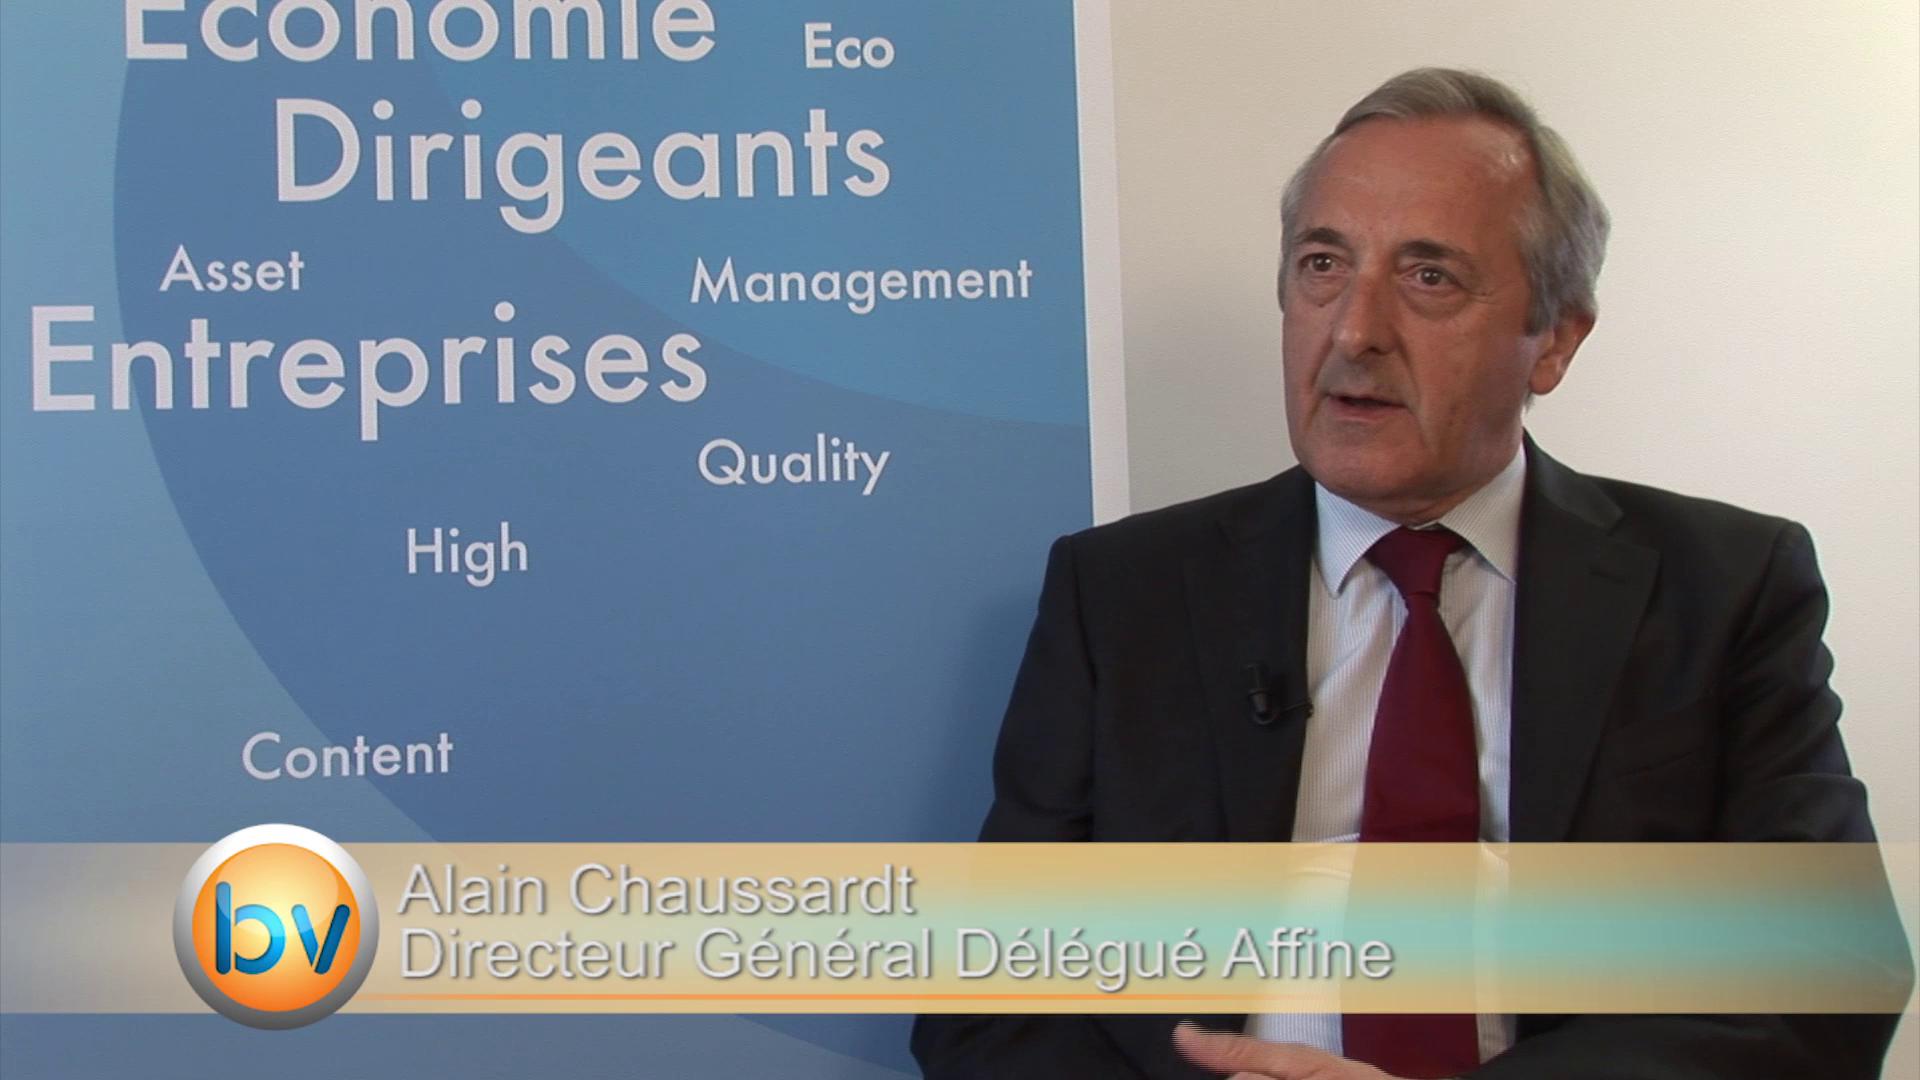 """Alain Chaussard Directeur Général Délégué Affine : """"Nous attendons une demande des investisseurs en 2015"""""""